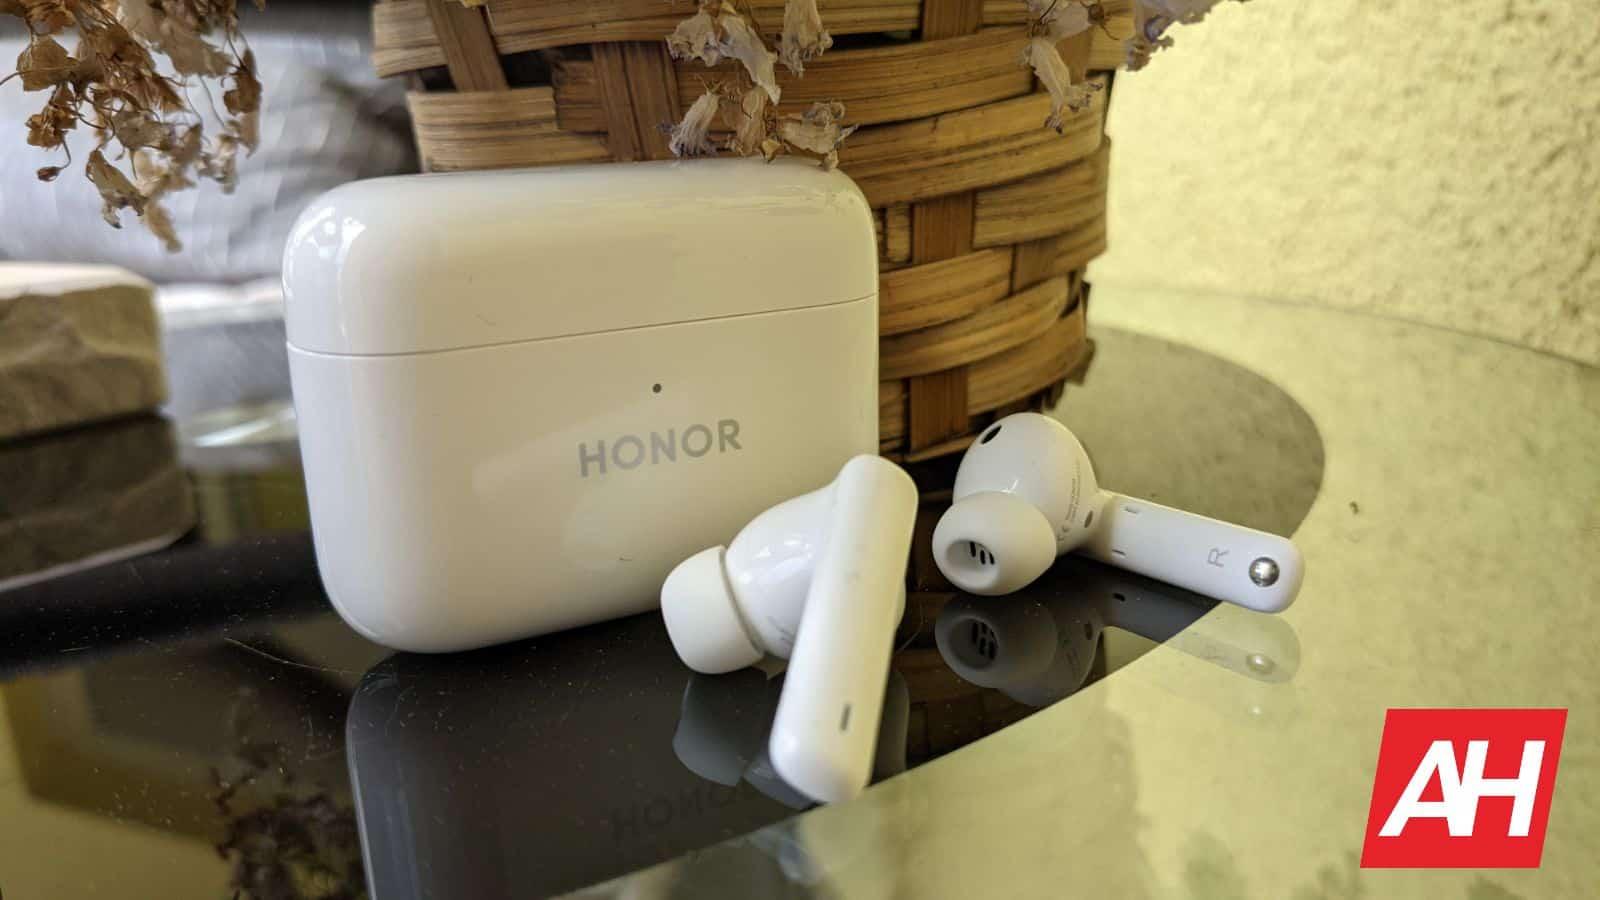 AH HONOR Earbuds 2 Lite image 14